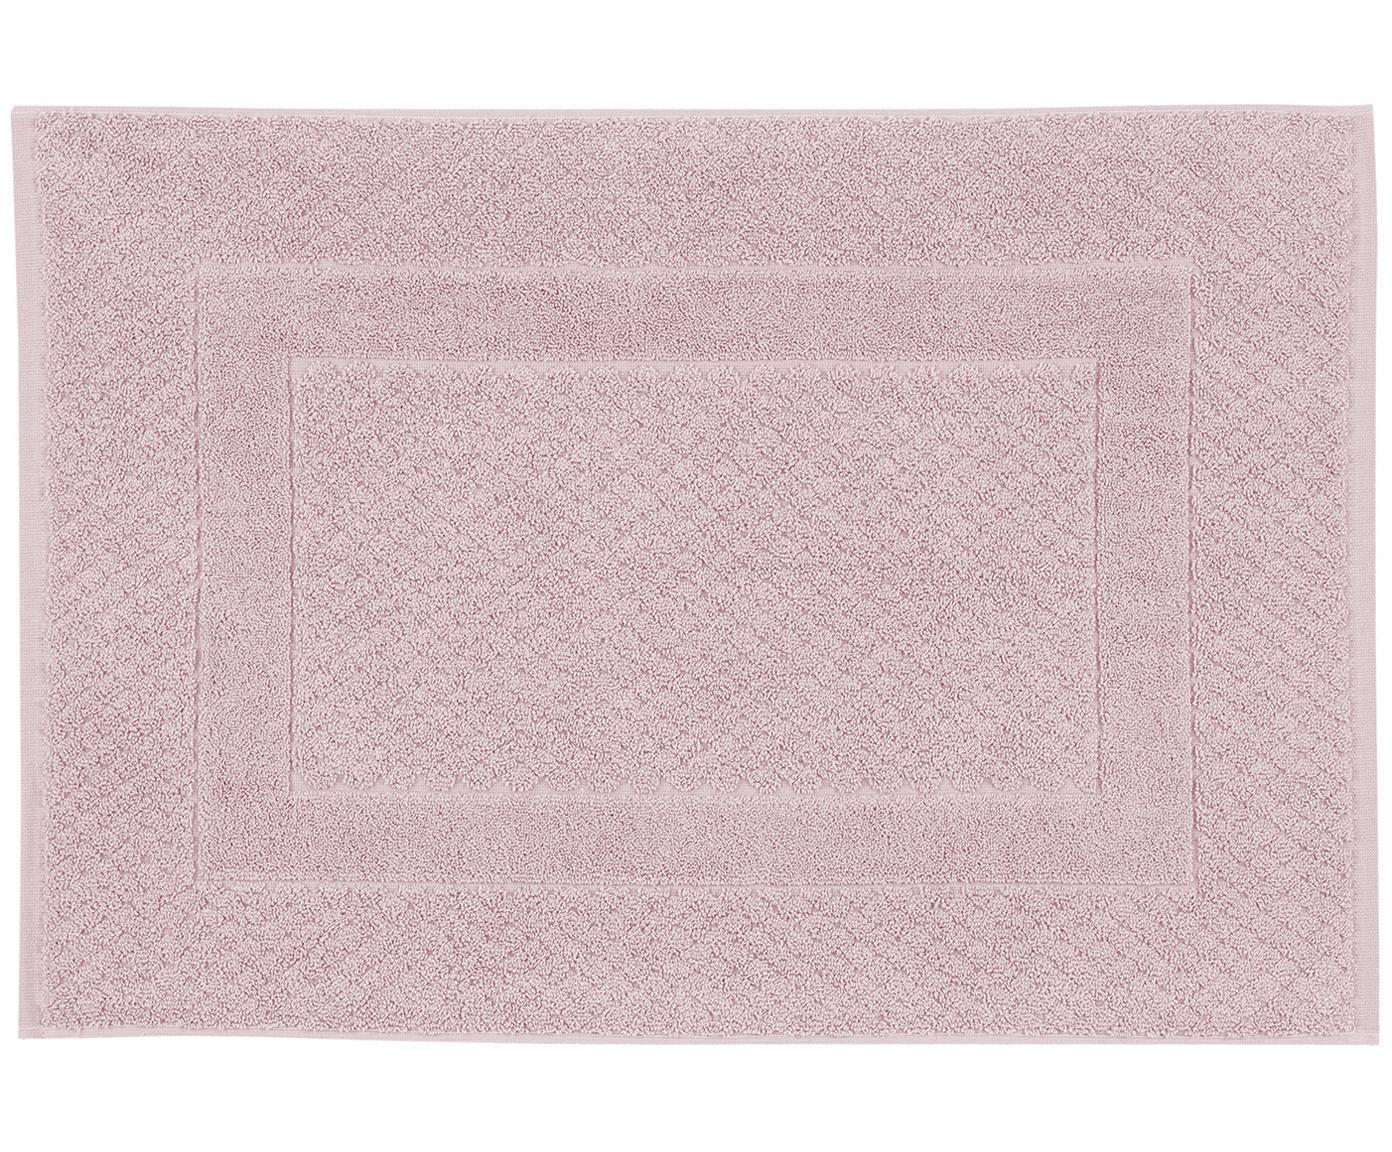 Dywanik łazienkowy Katharina, 100% bawełna, wysoka gramatura, 900g/m², Brudny różowy, S 50 x D 70 cm